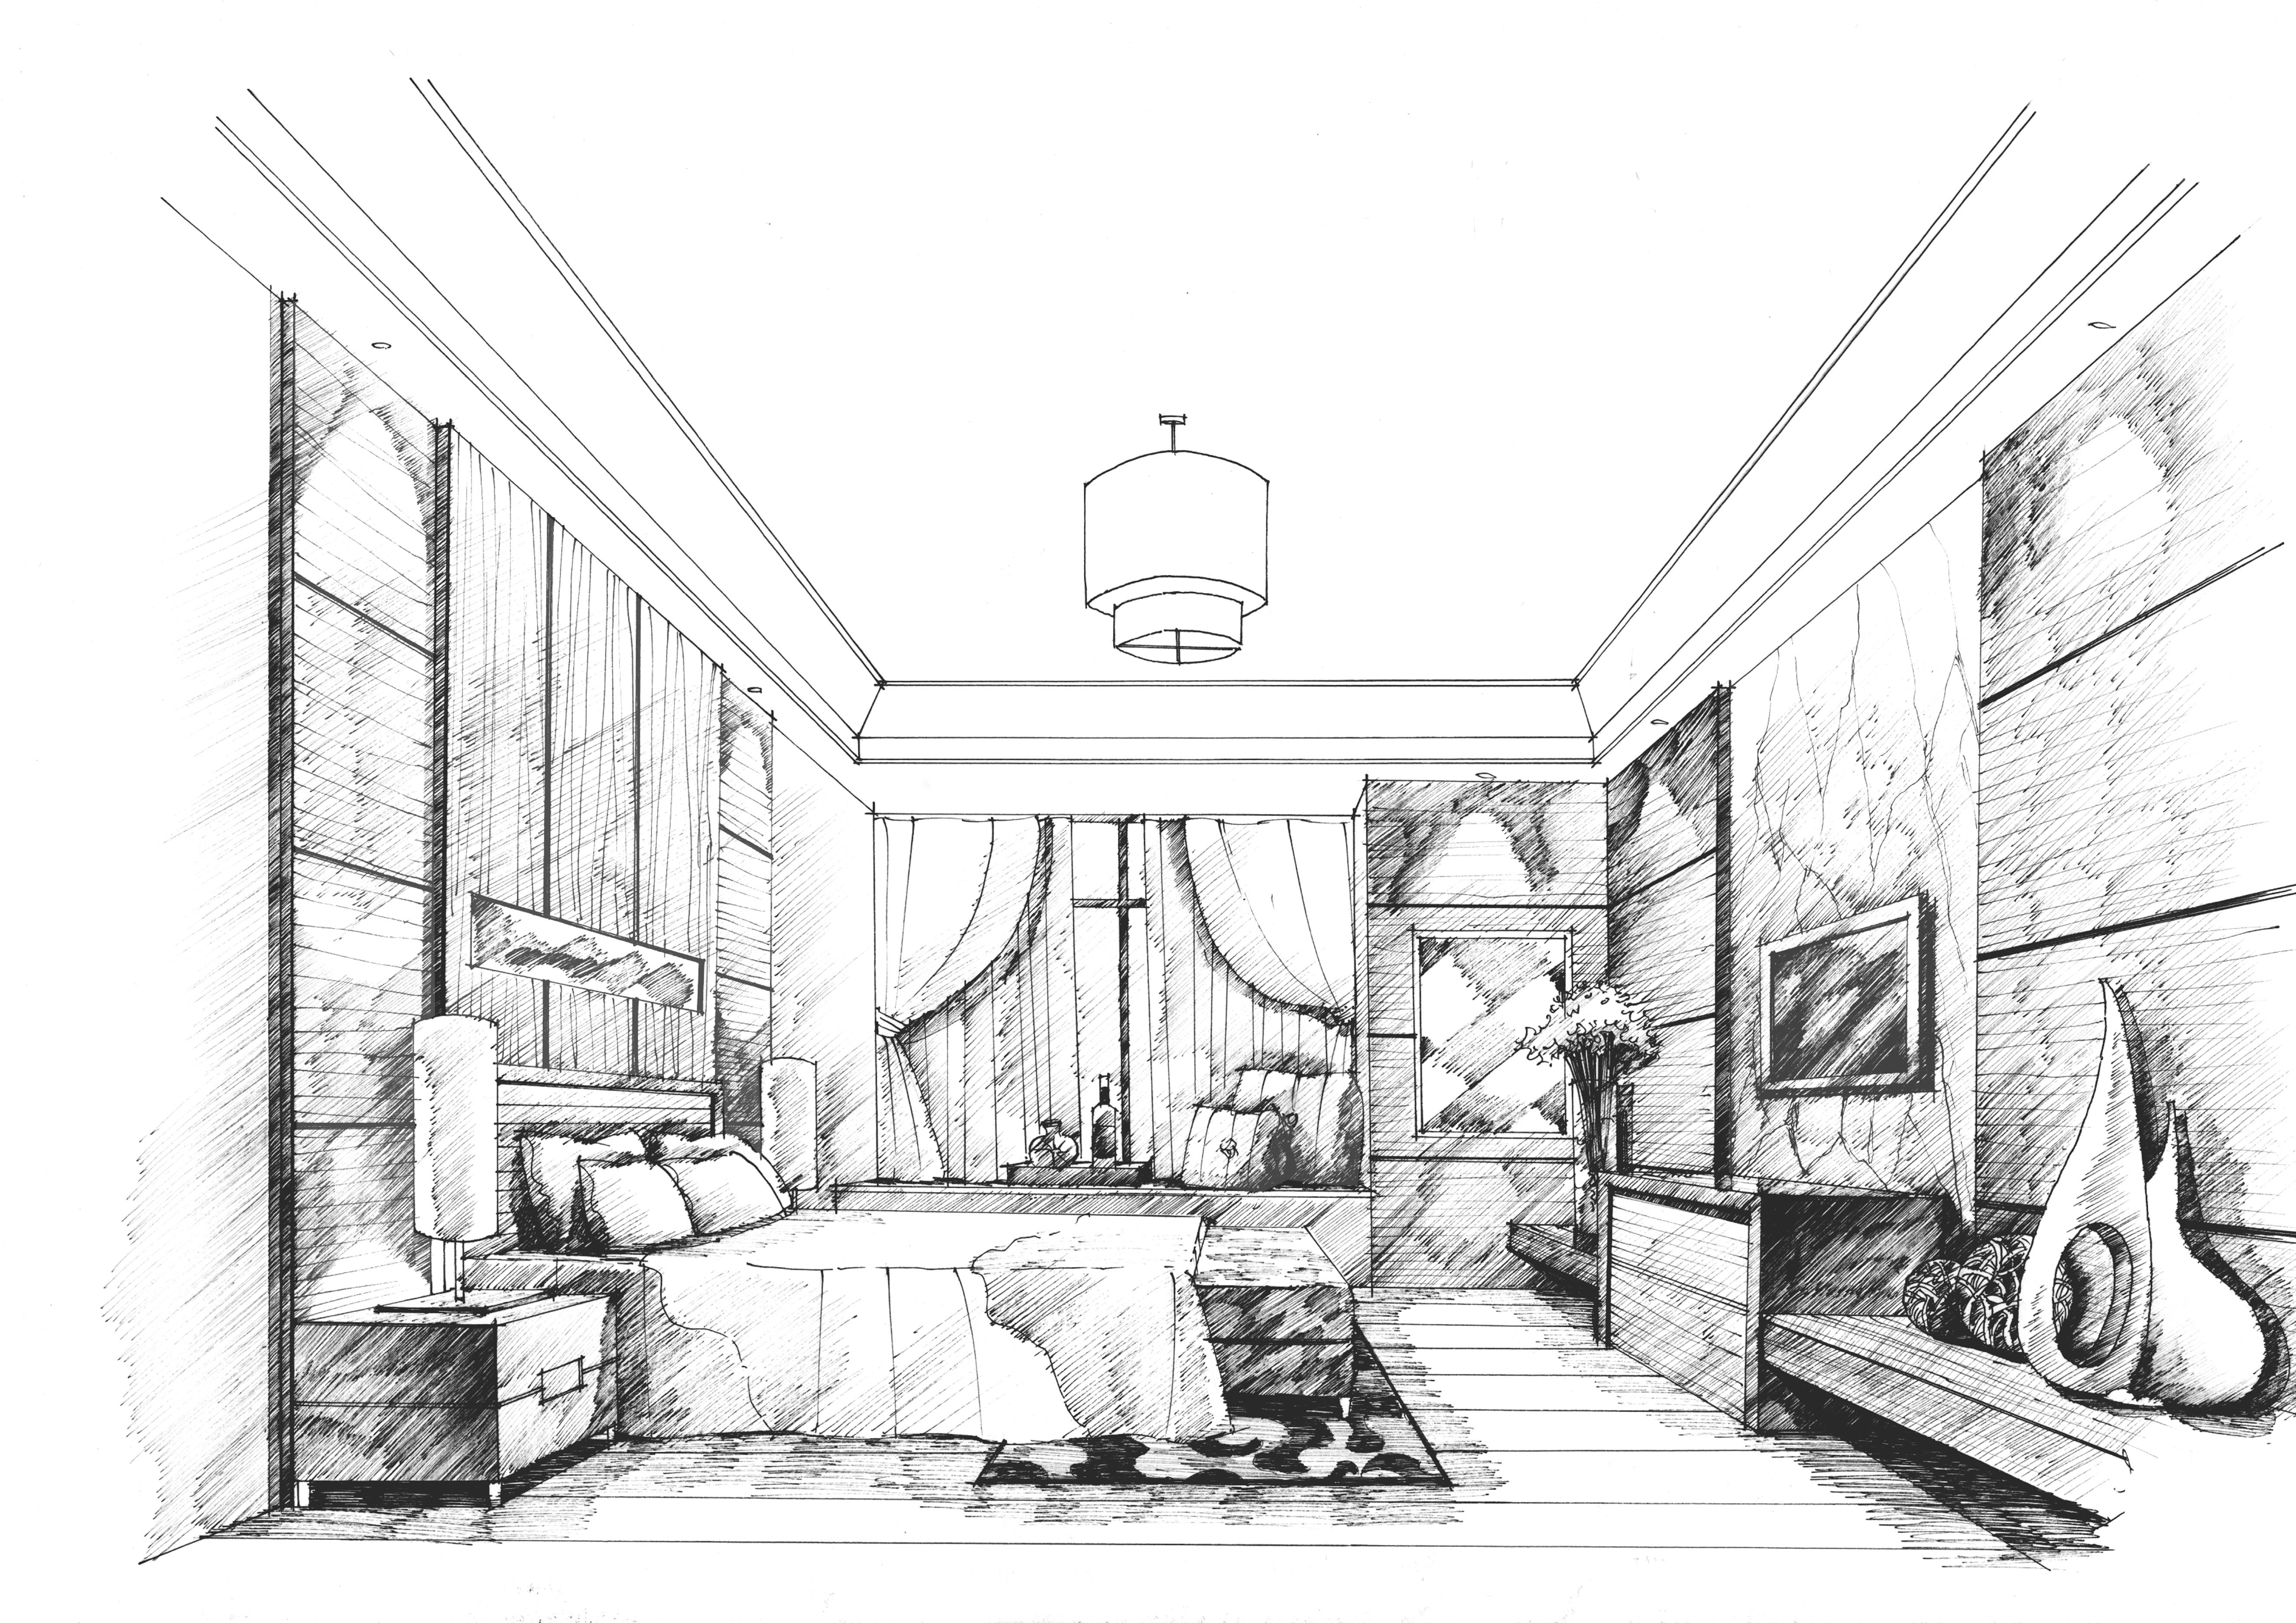 卧室手绘2|空间|室内设计|mhc绘 - 原创作品 - 站酷